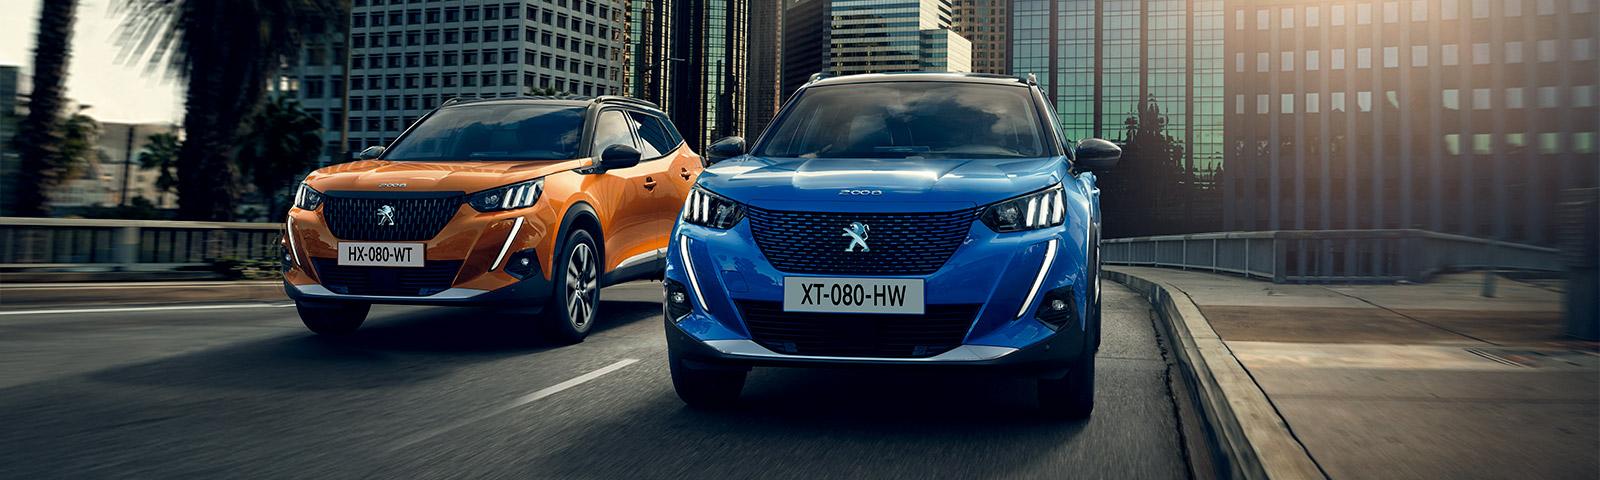 Peugeot revalida en 2019 su liderazgo en el mercado total en España